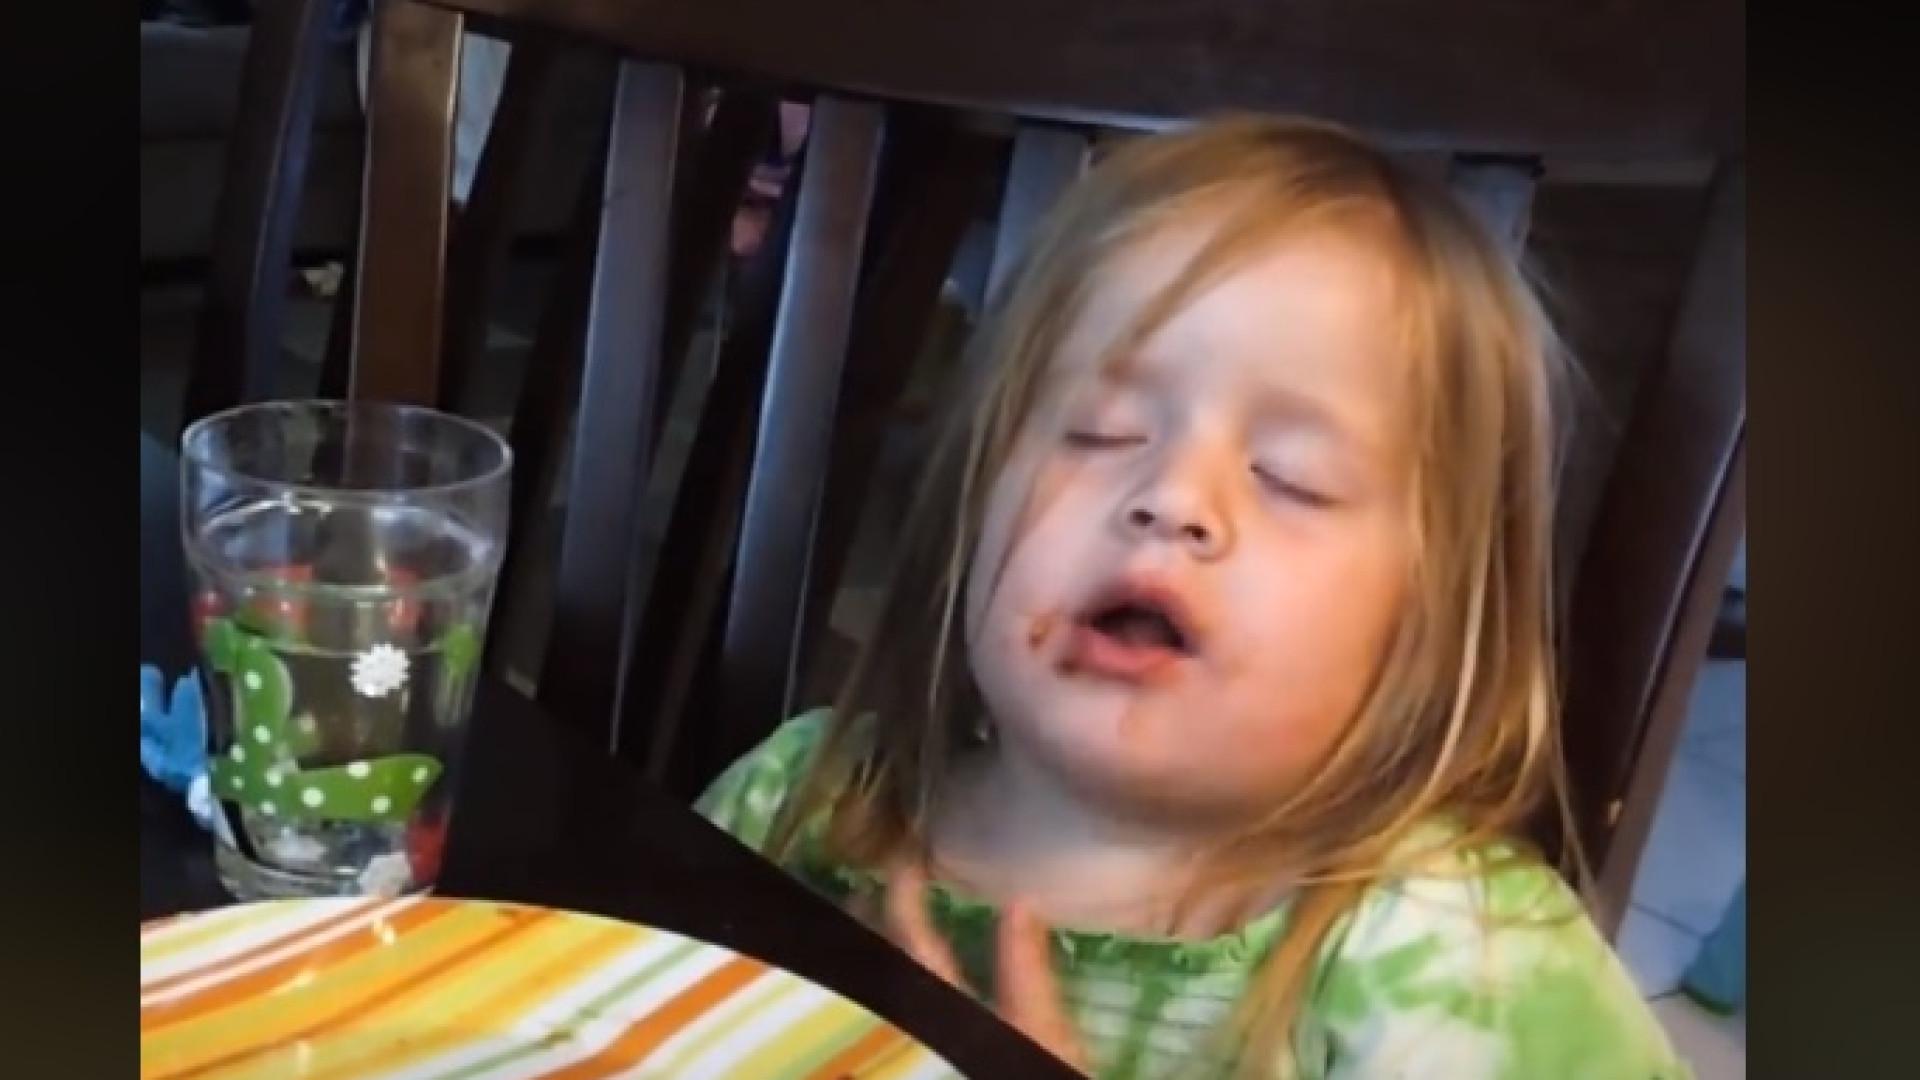 Adormeceu a comer uma fatia de pizza